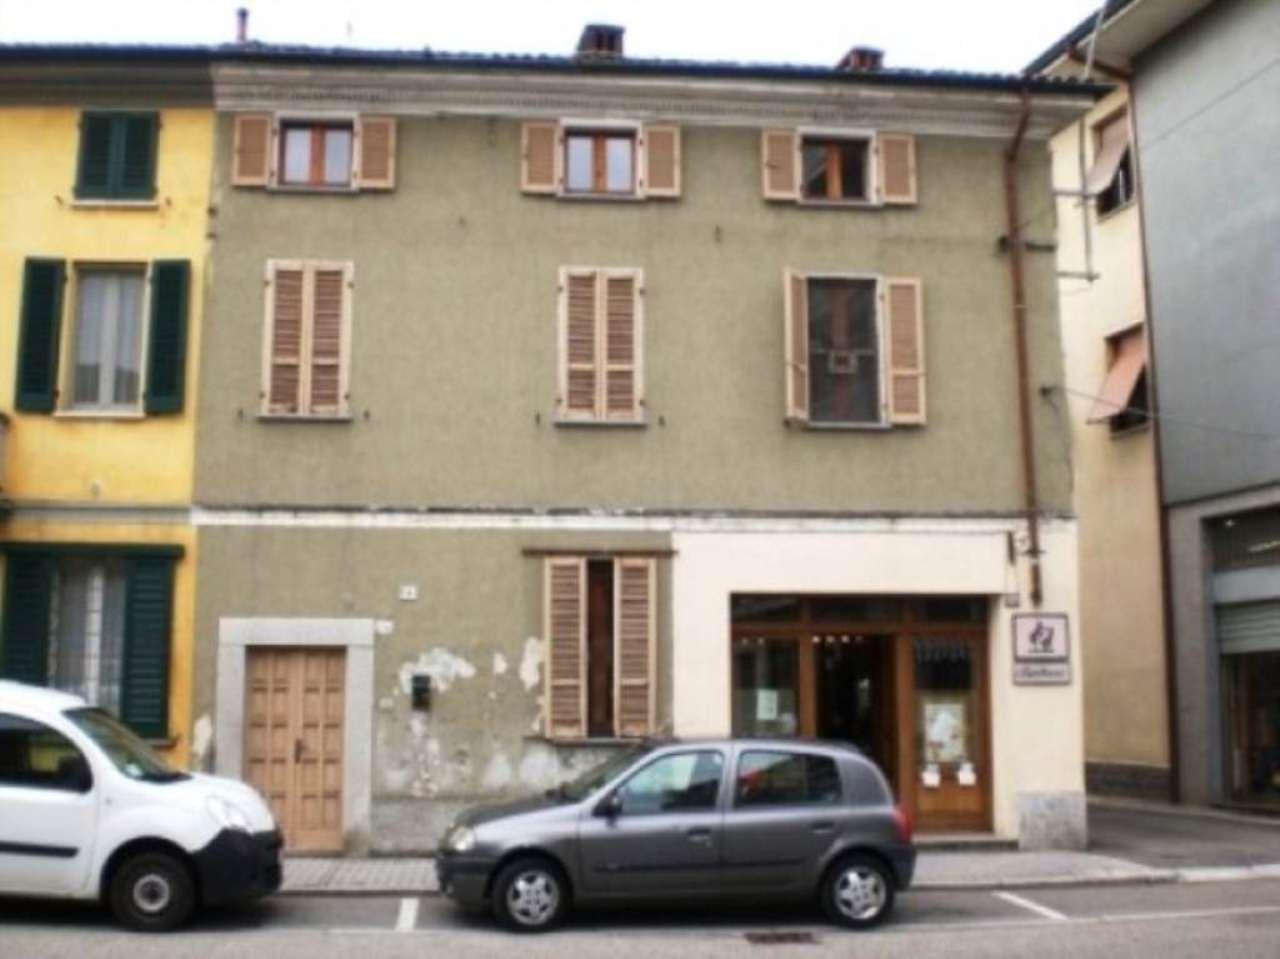 Soluzione Indipendente in vendita a Garlasco, 5 locali, prezzo € 85.000 | Cambio Casa.it